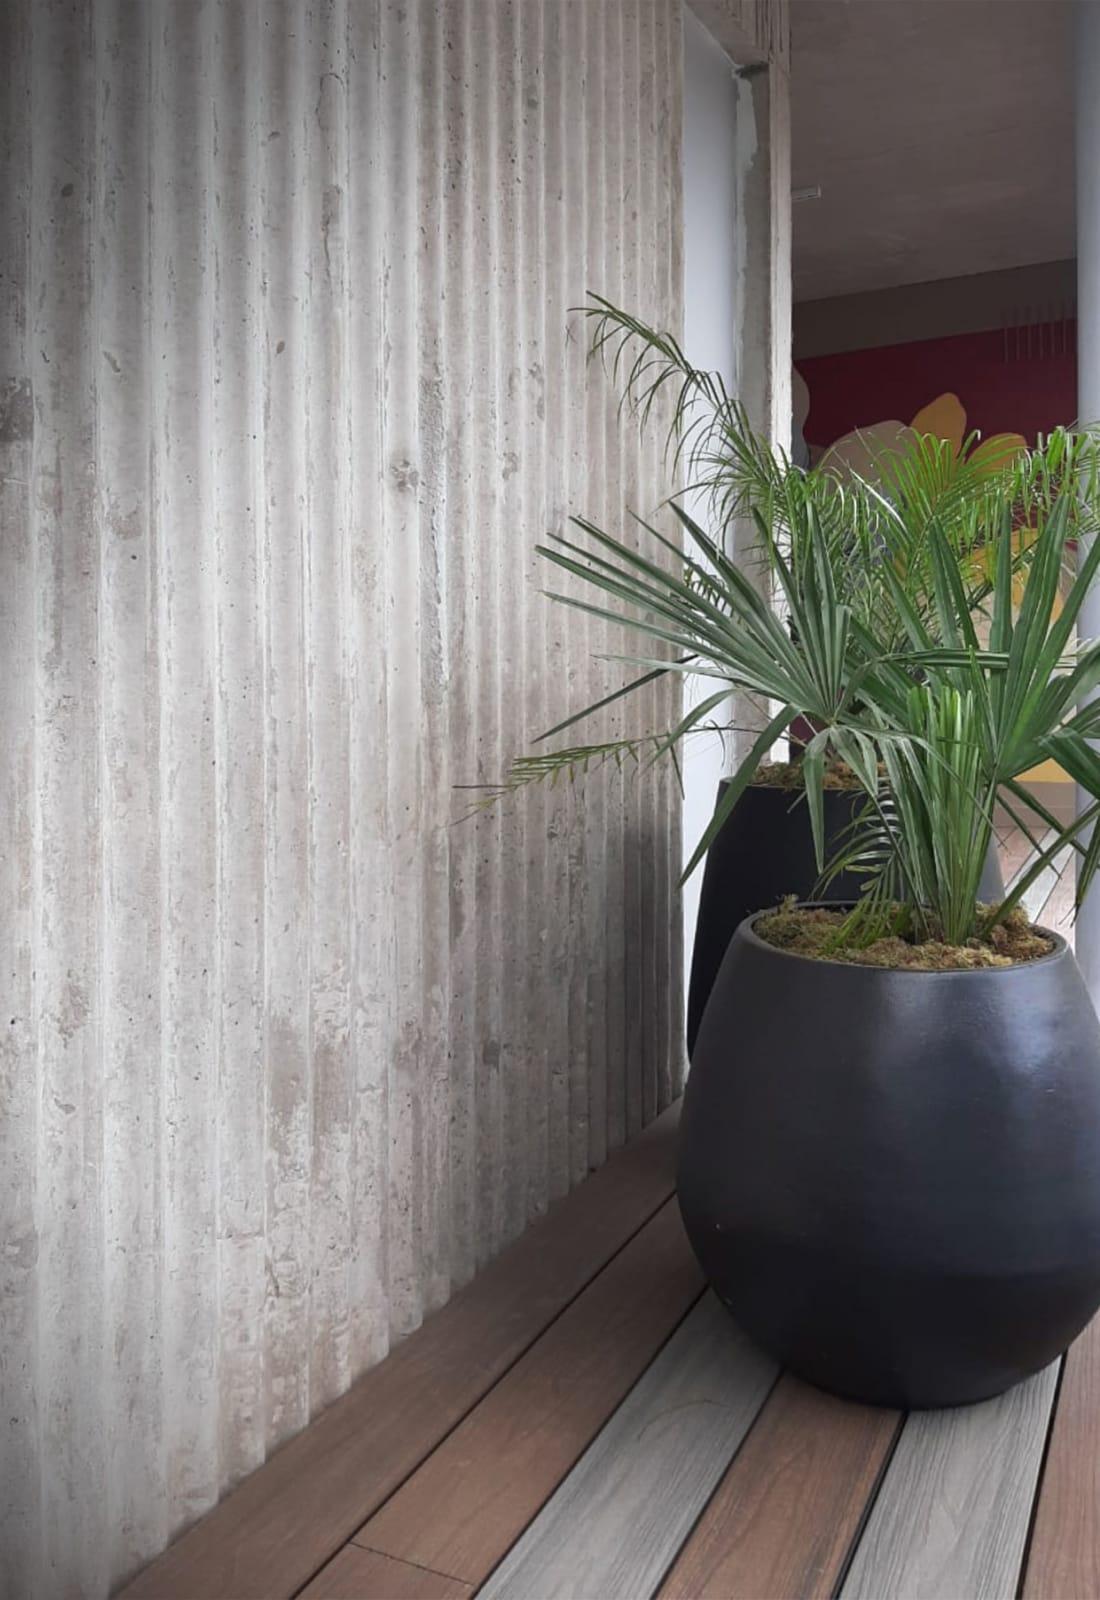 El piso exterior resistente es una combinación de Deck Fusion de Patagonia Flooring.